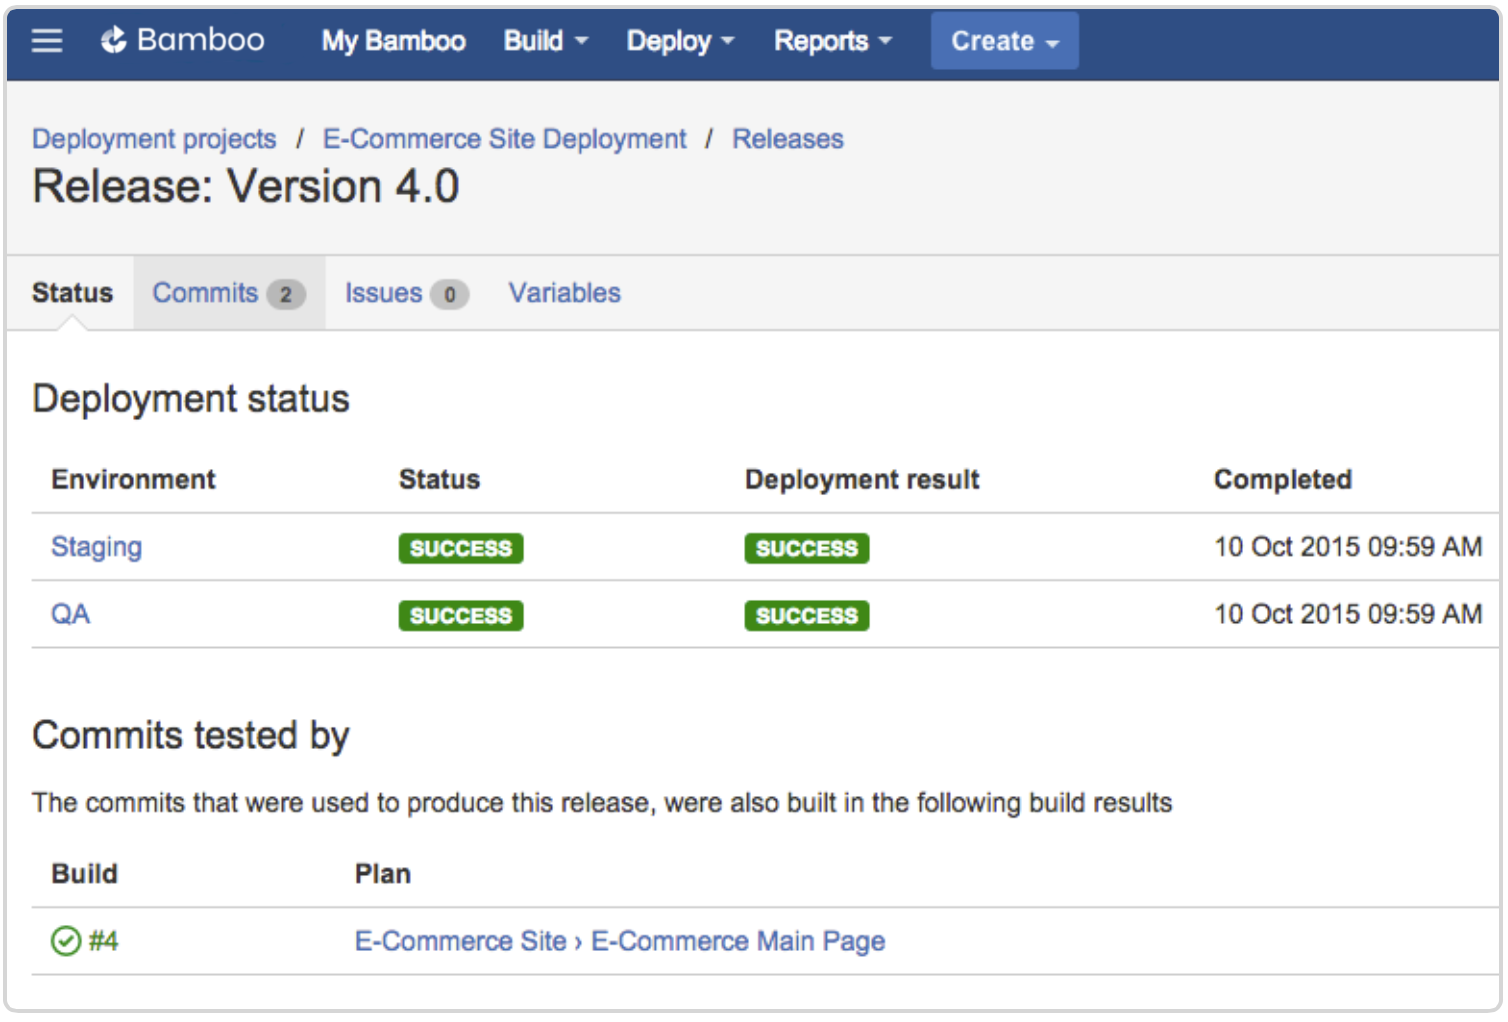 Bamboo deployment release 4.0 screenshot